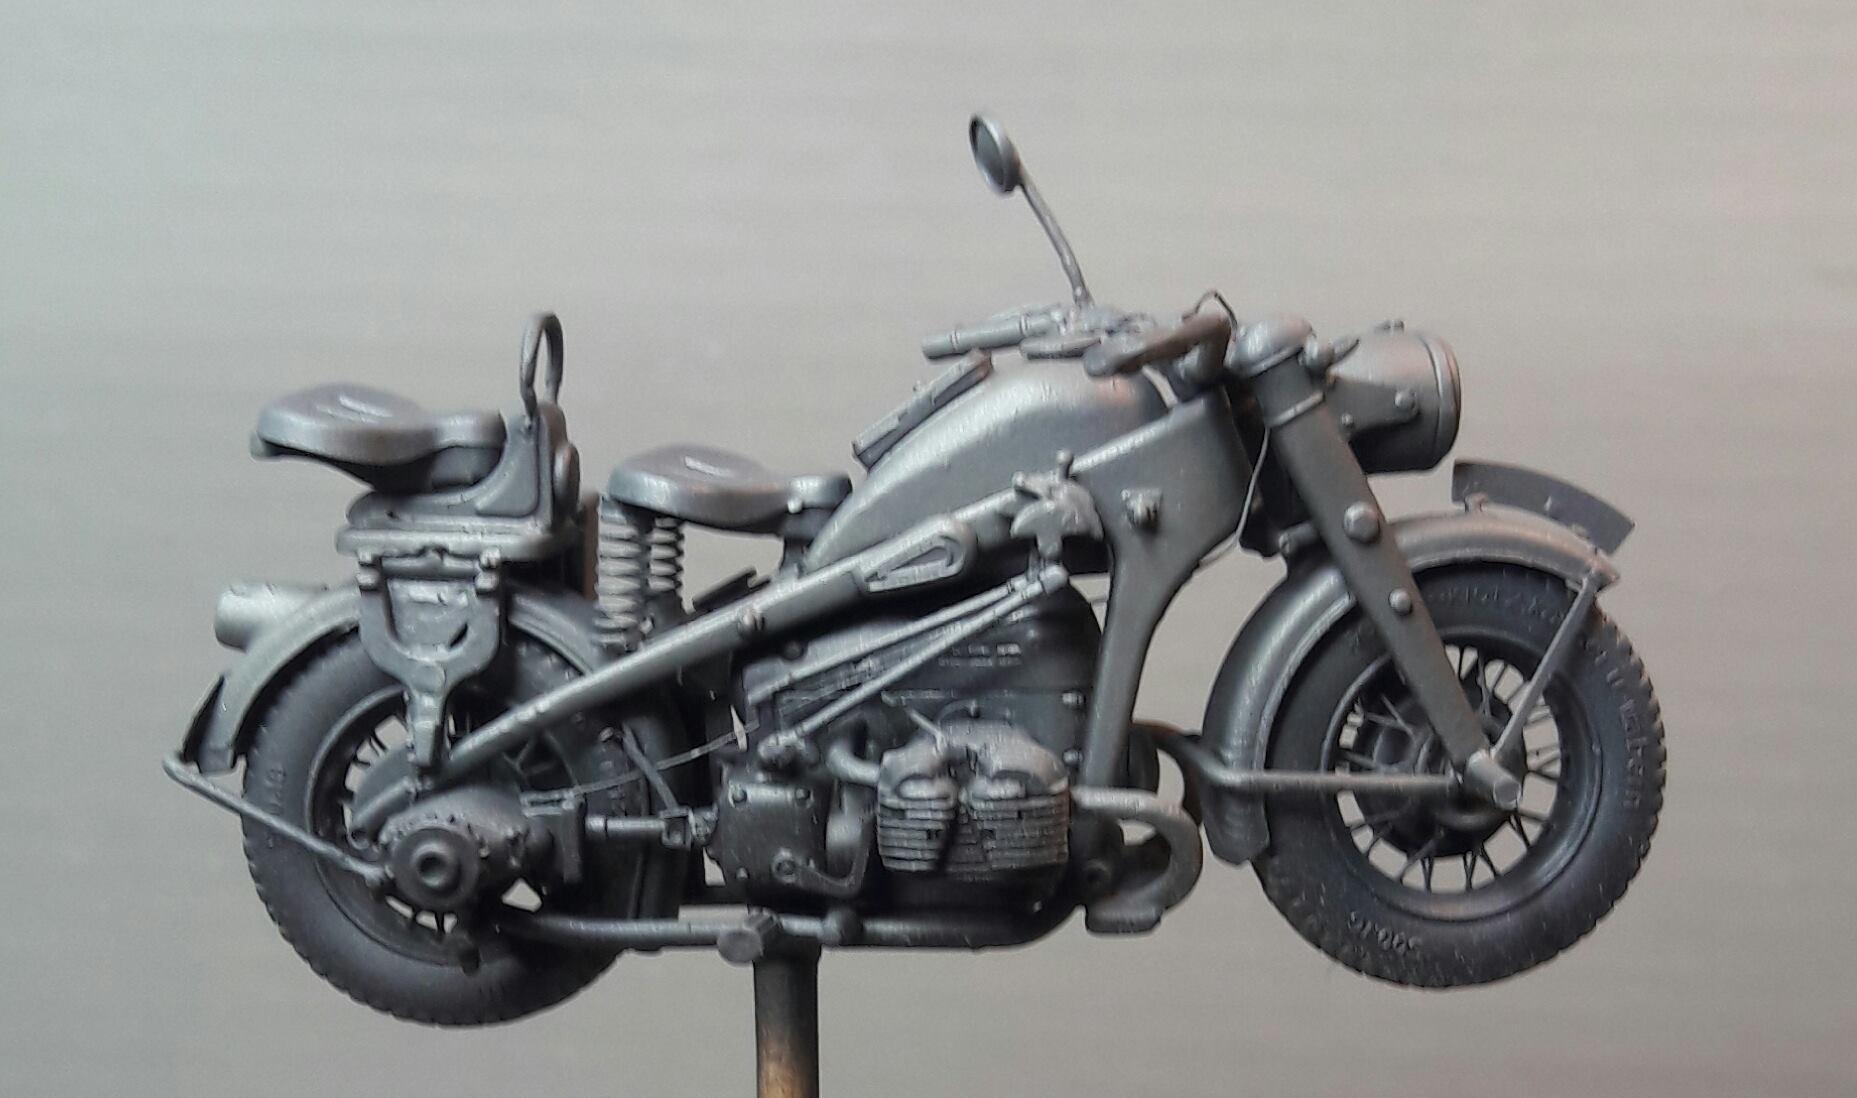 Zündapp KS750 - Sidecar - Great Wall Hobby + figurines Alpine - 1/35 - Page 4 17231519859002102117676391209871214793035o